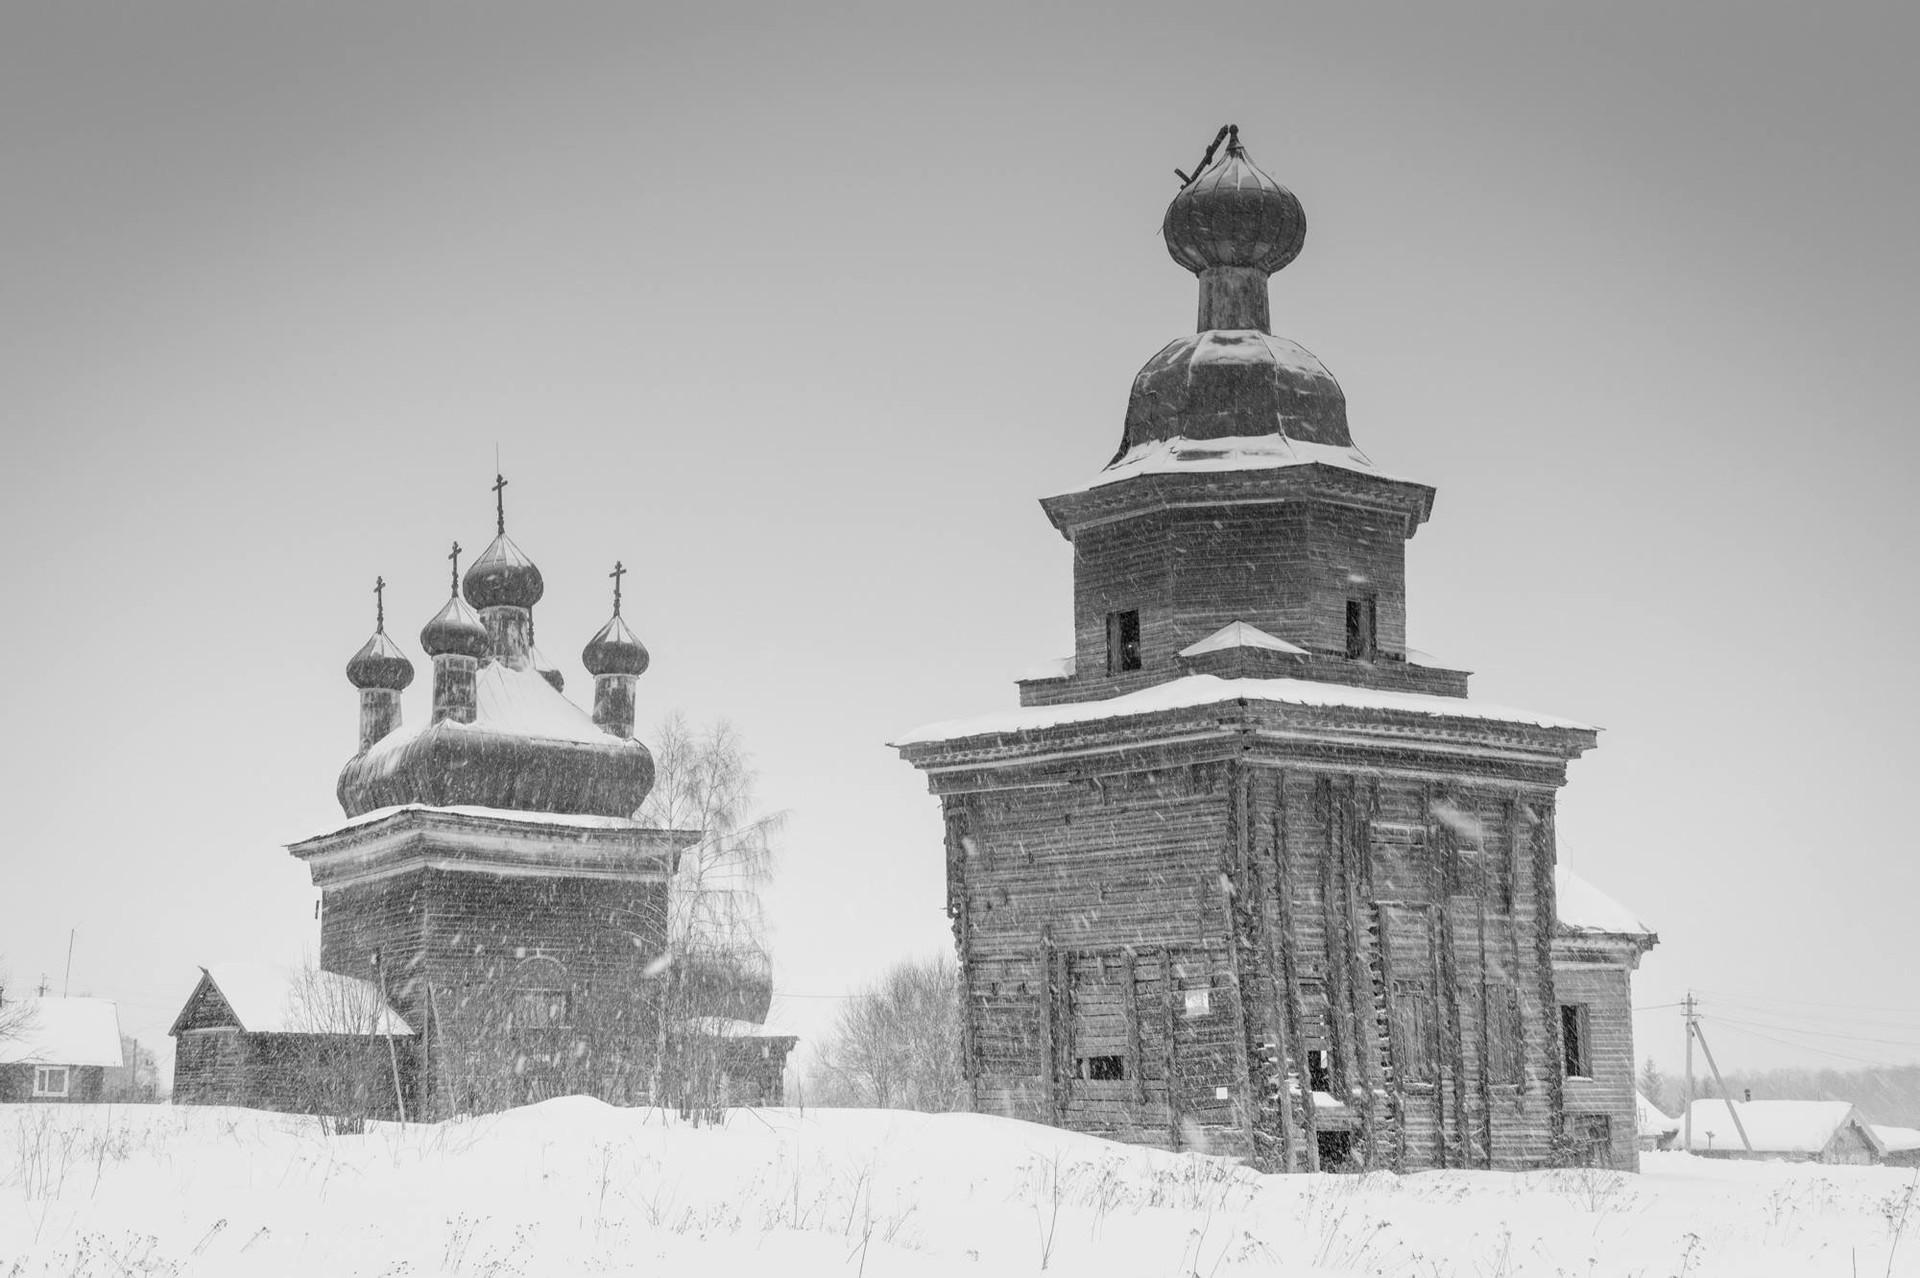 シェロホフスカヤ村の教会群